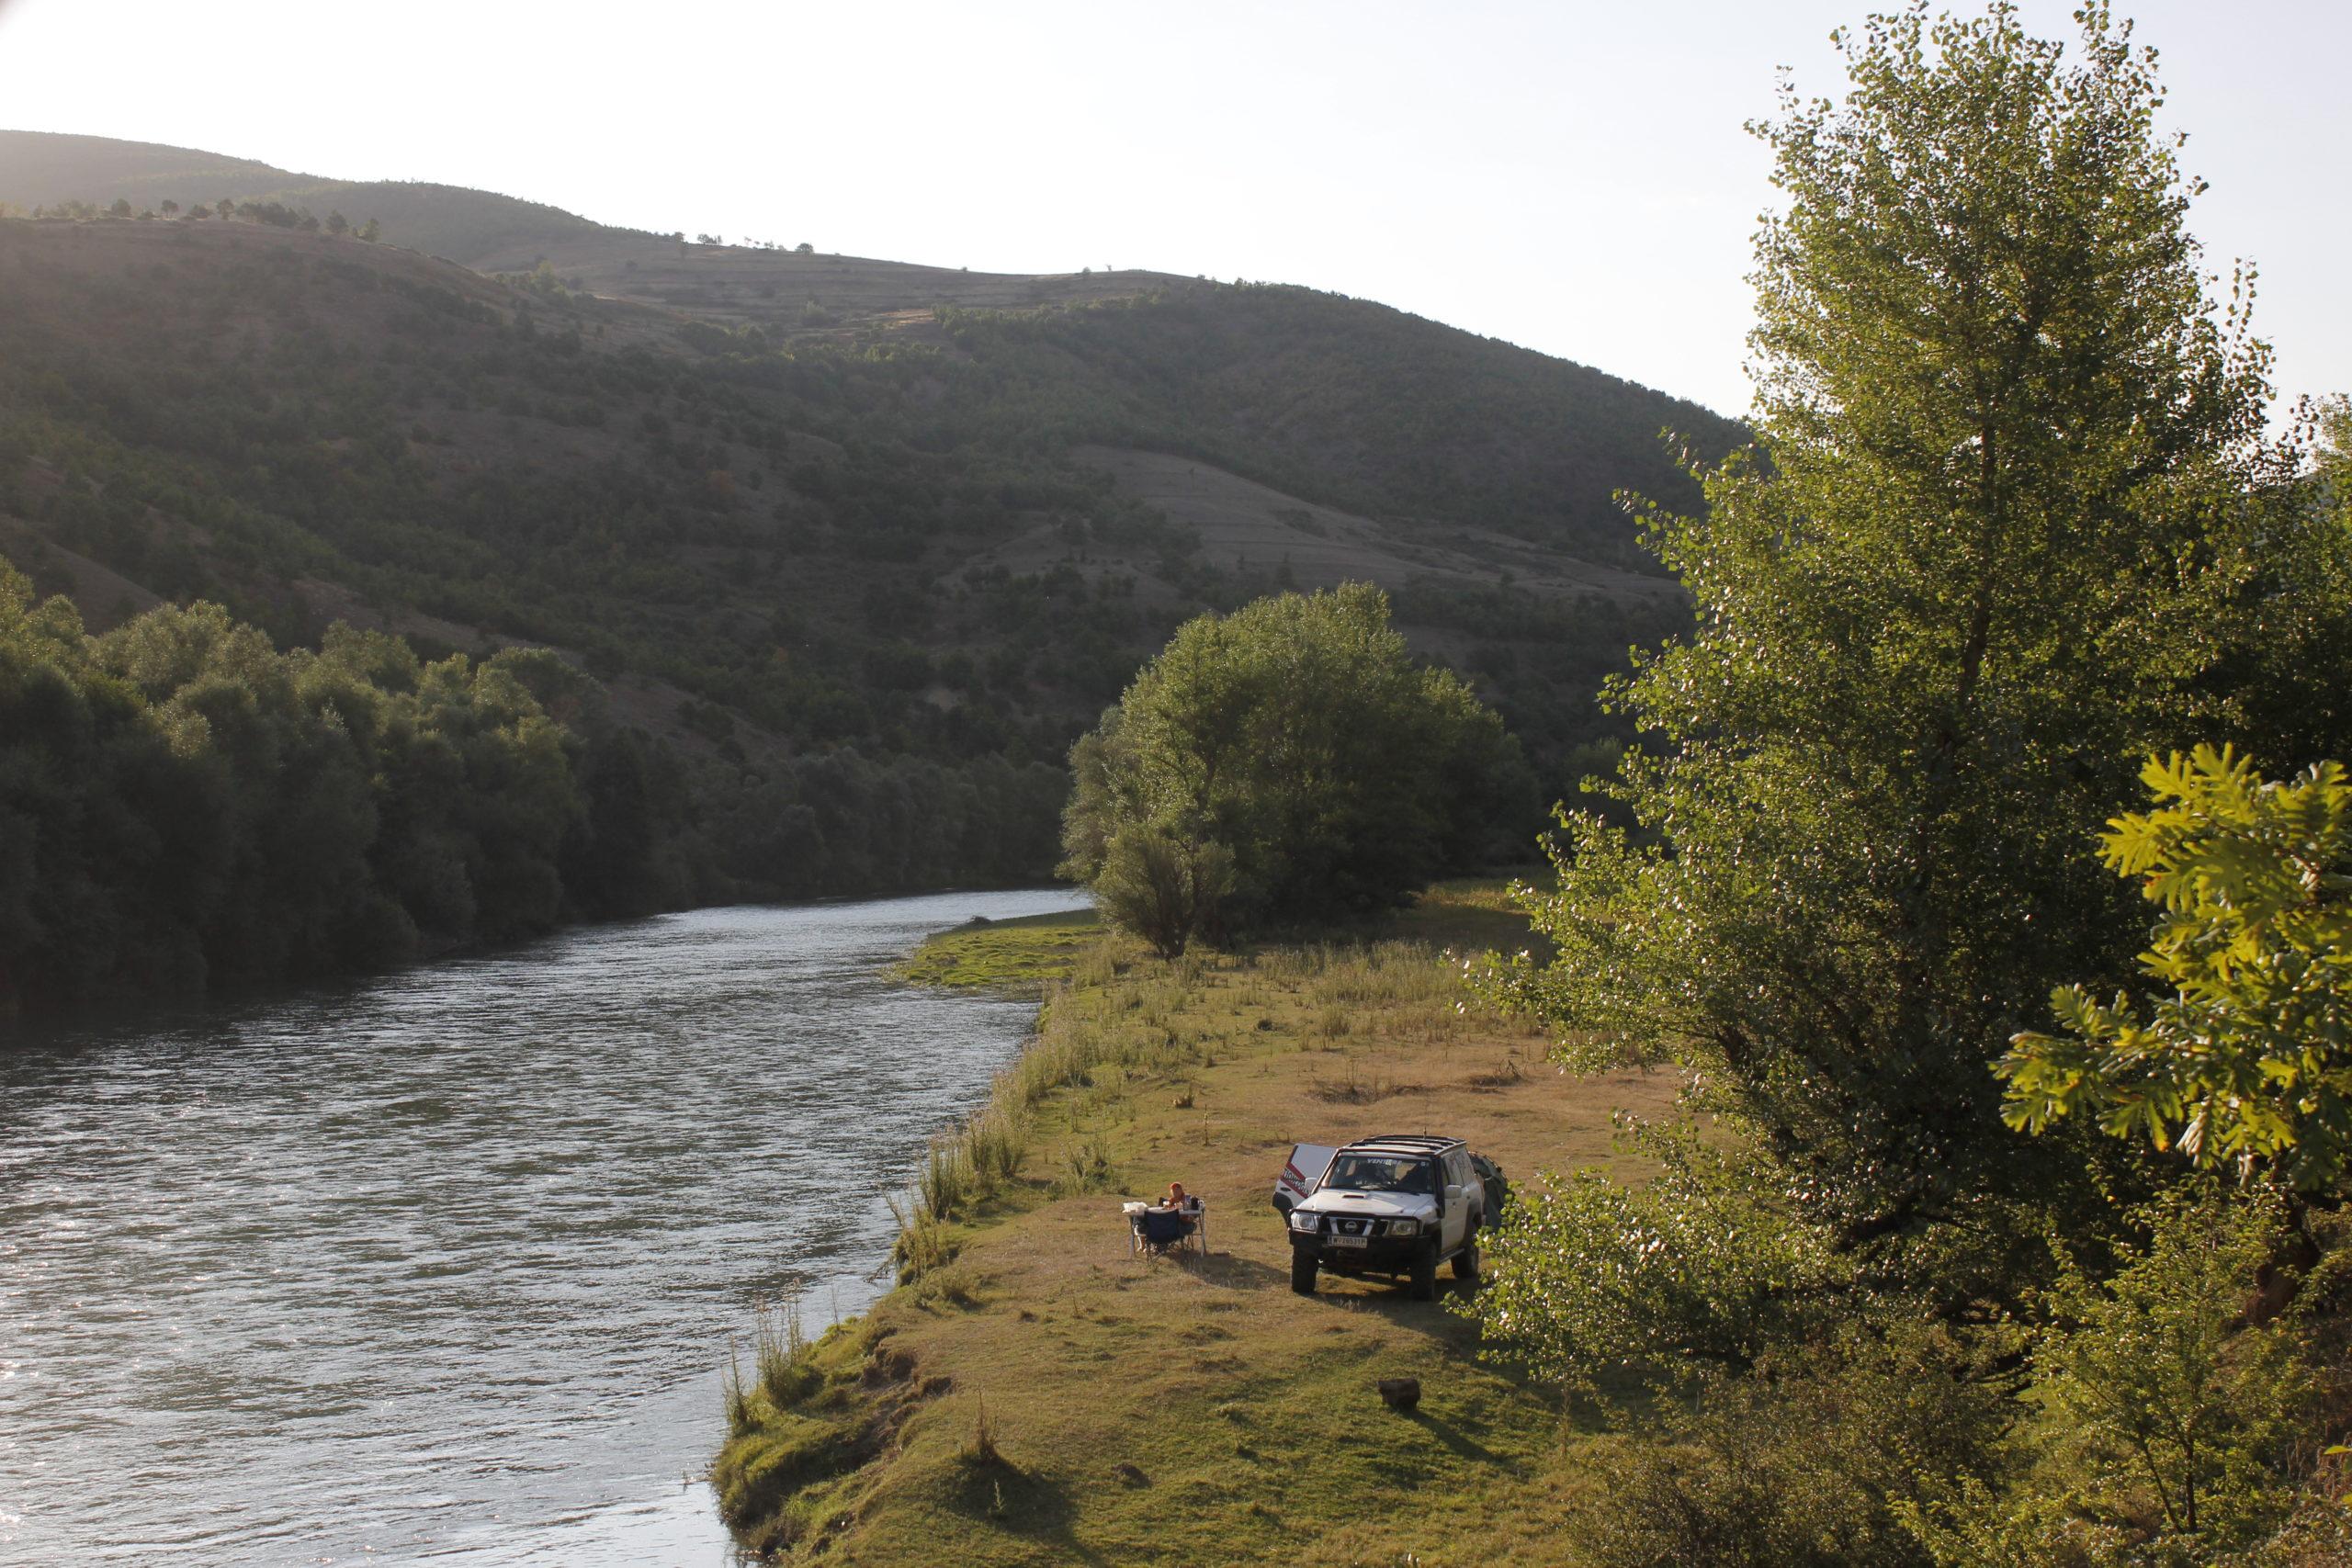 4x4 Abenteuerreise: Albanien so nah und doch so fremd 10